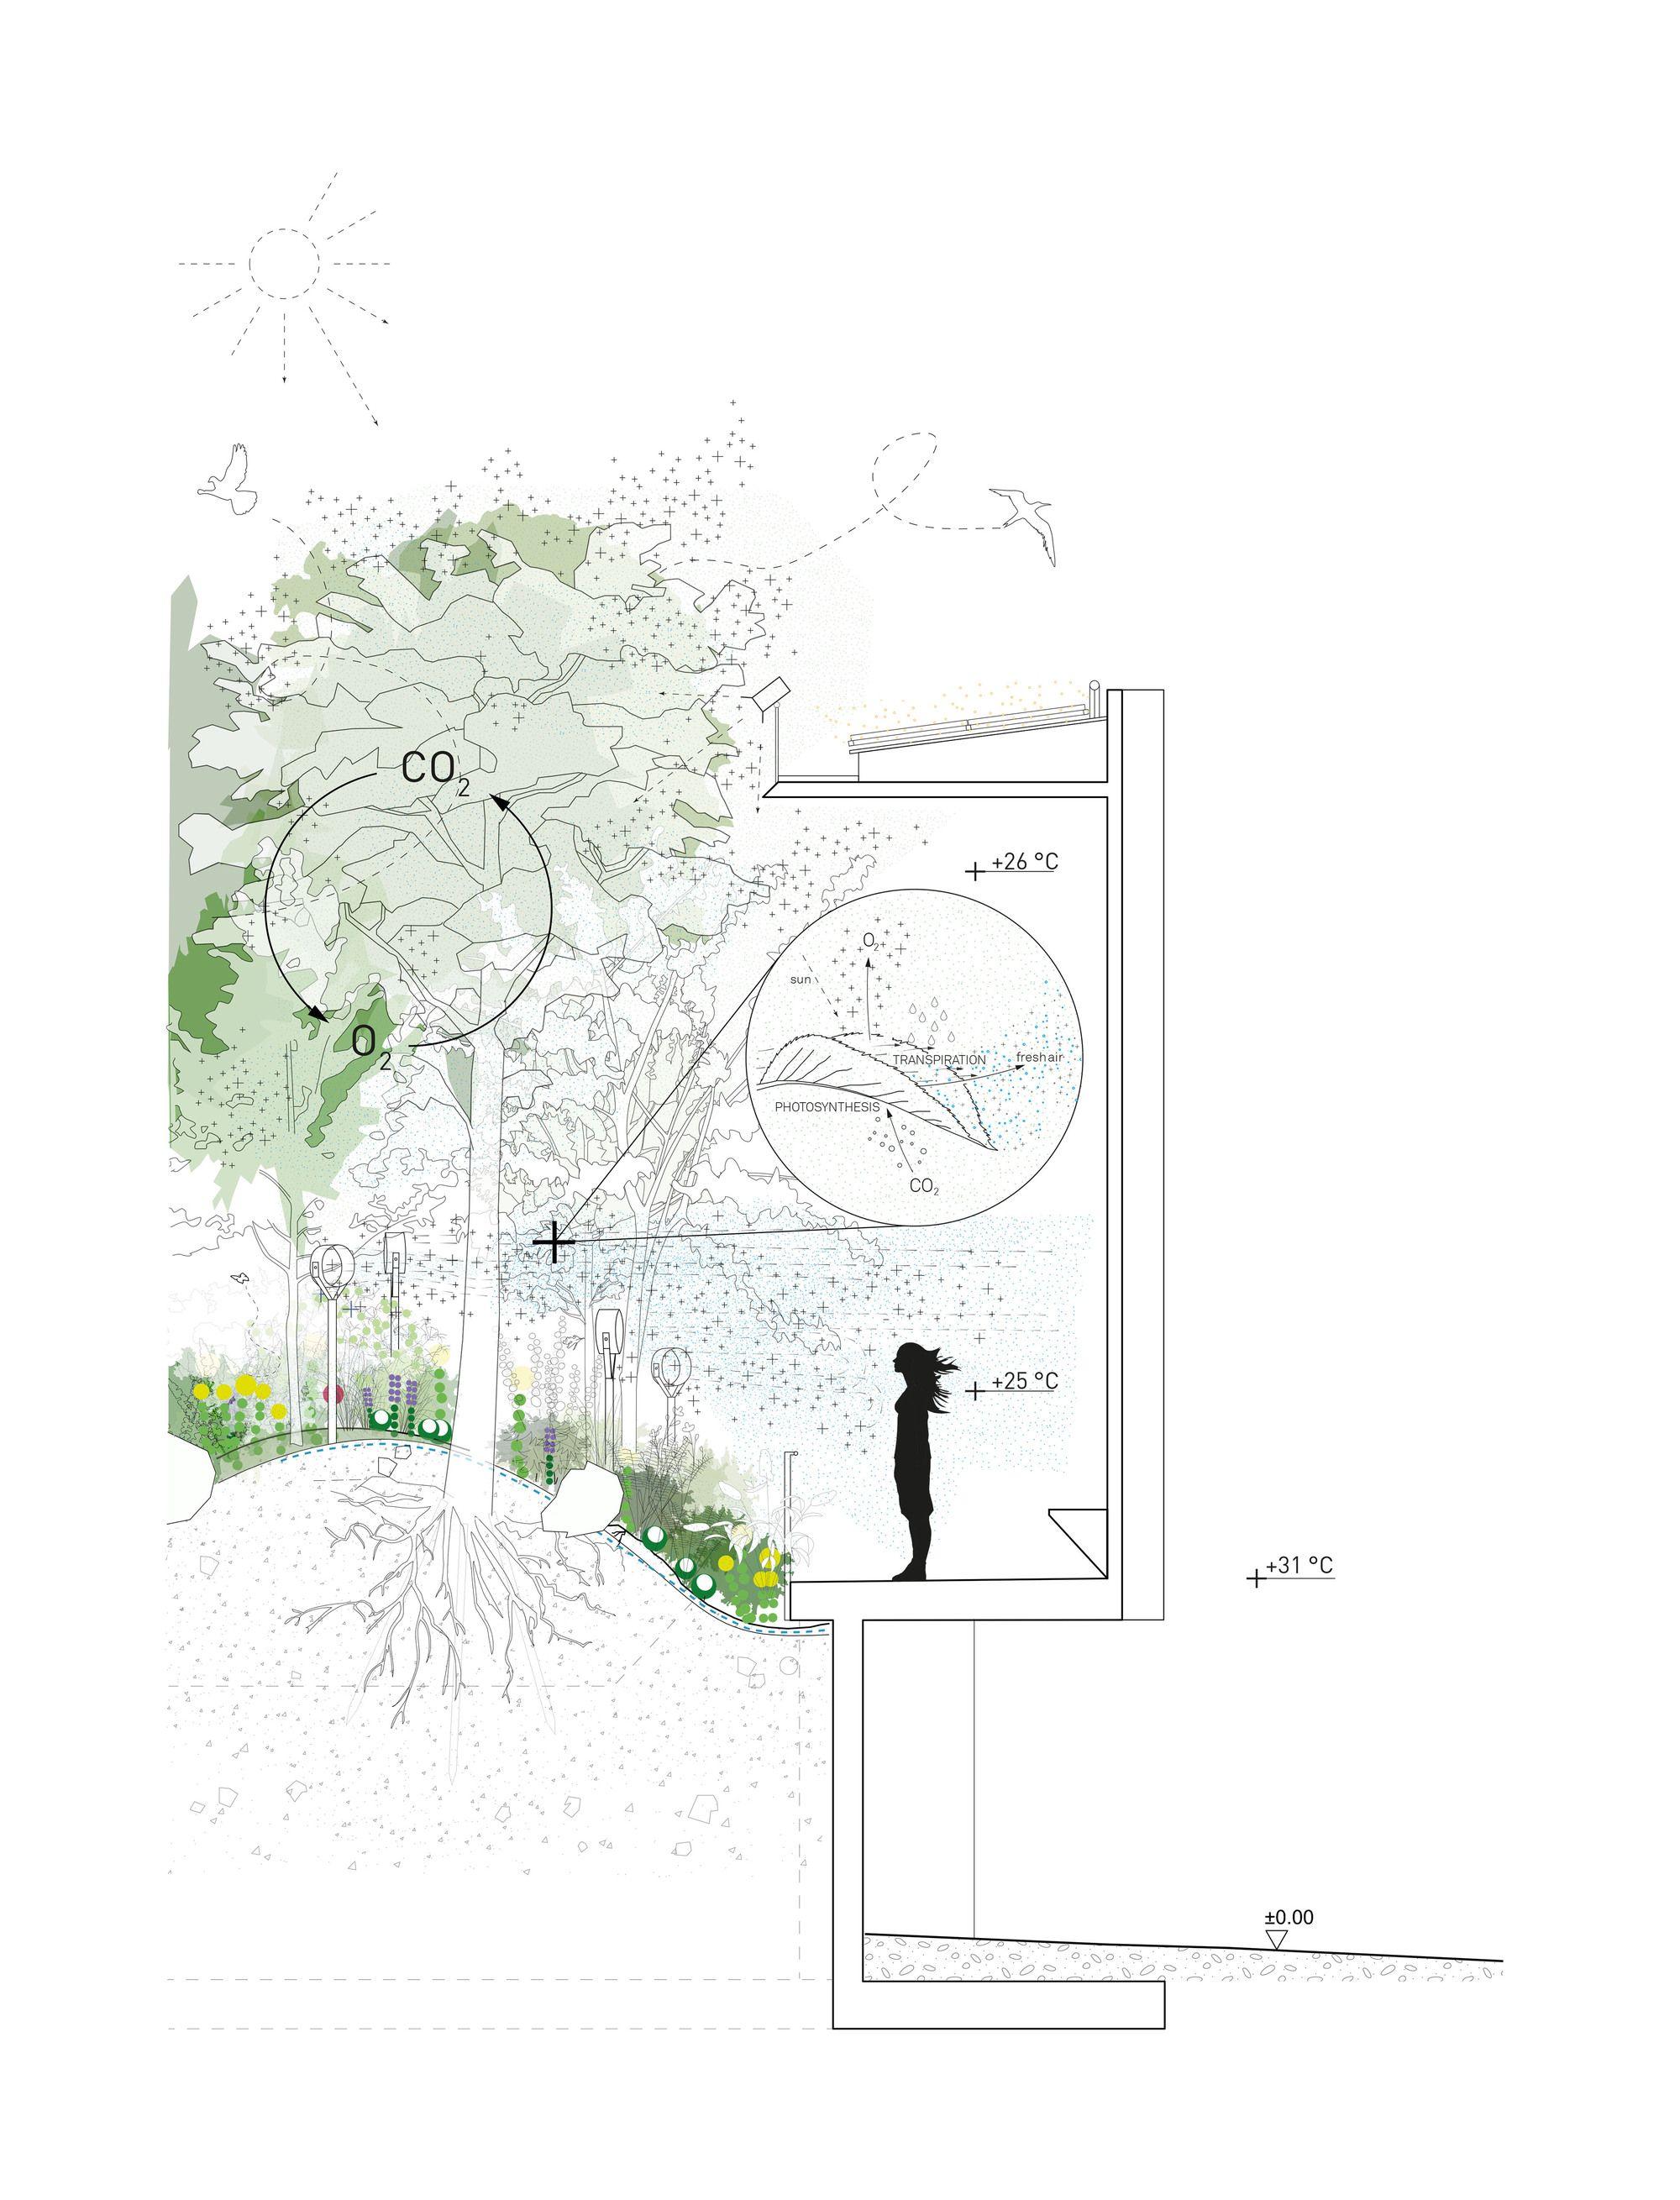 Galer a de pabell n austria expo mil n 2015 36 diagram architektur - Landschaftsarchitektur osterreich ...